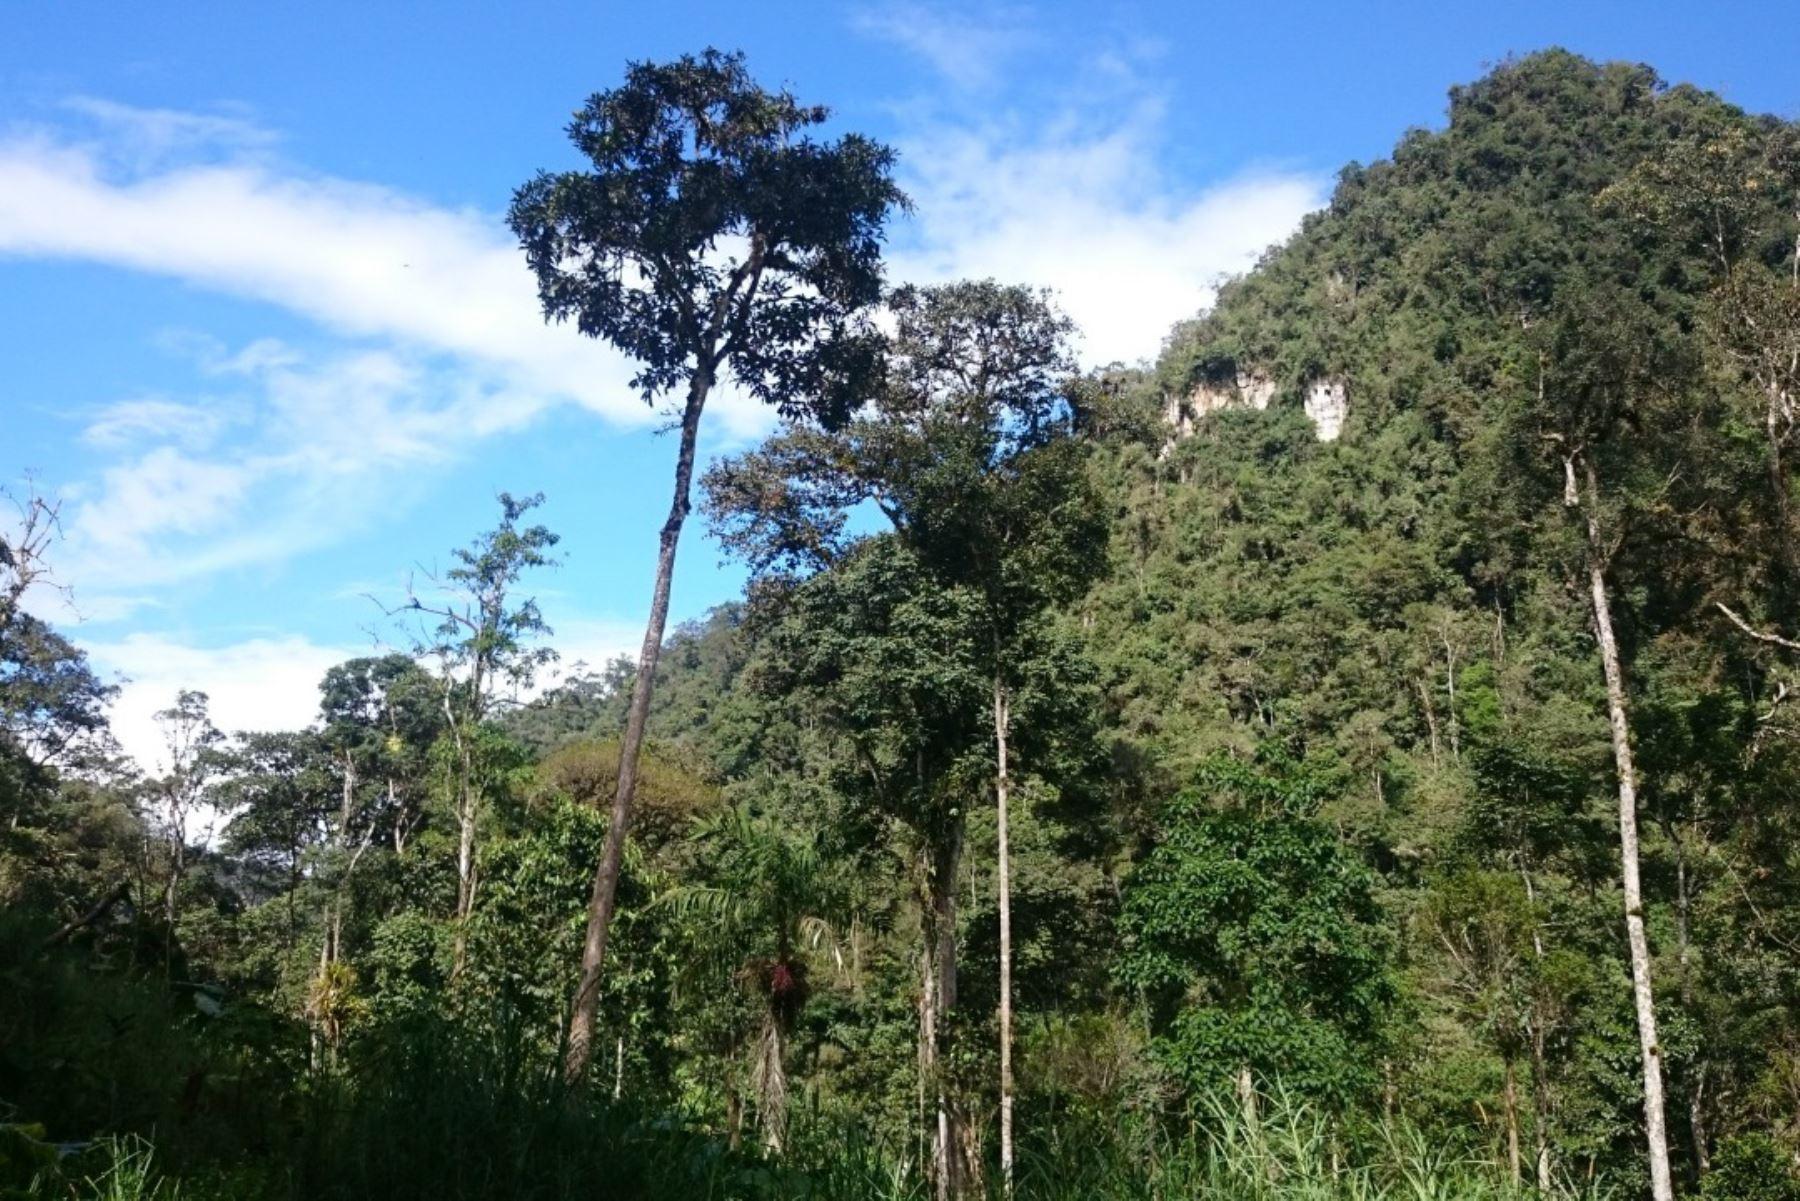 La región Amazonas cuenta desde la fecha con su decimocuarta área de conservación privada (ACP) denominada Monte Puyo (Bosque de Nubes).